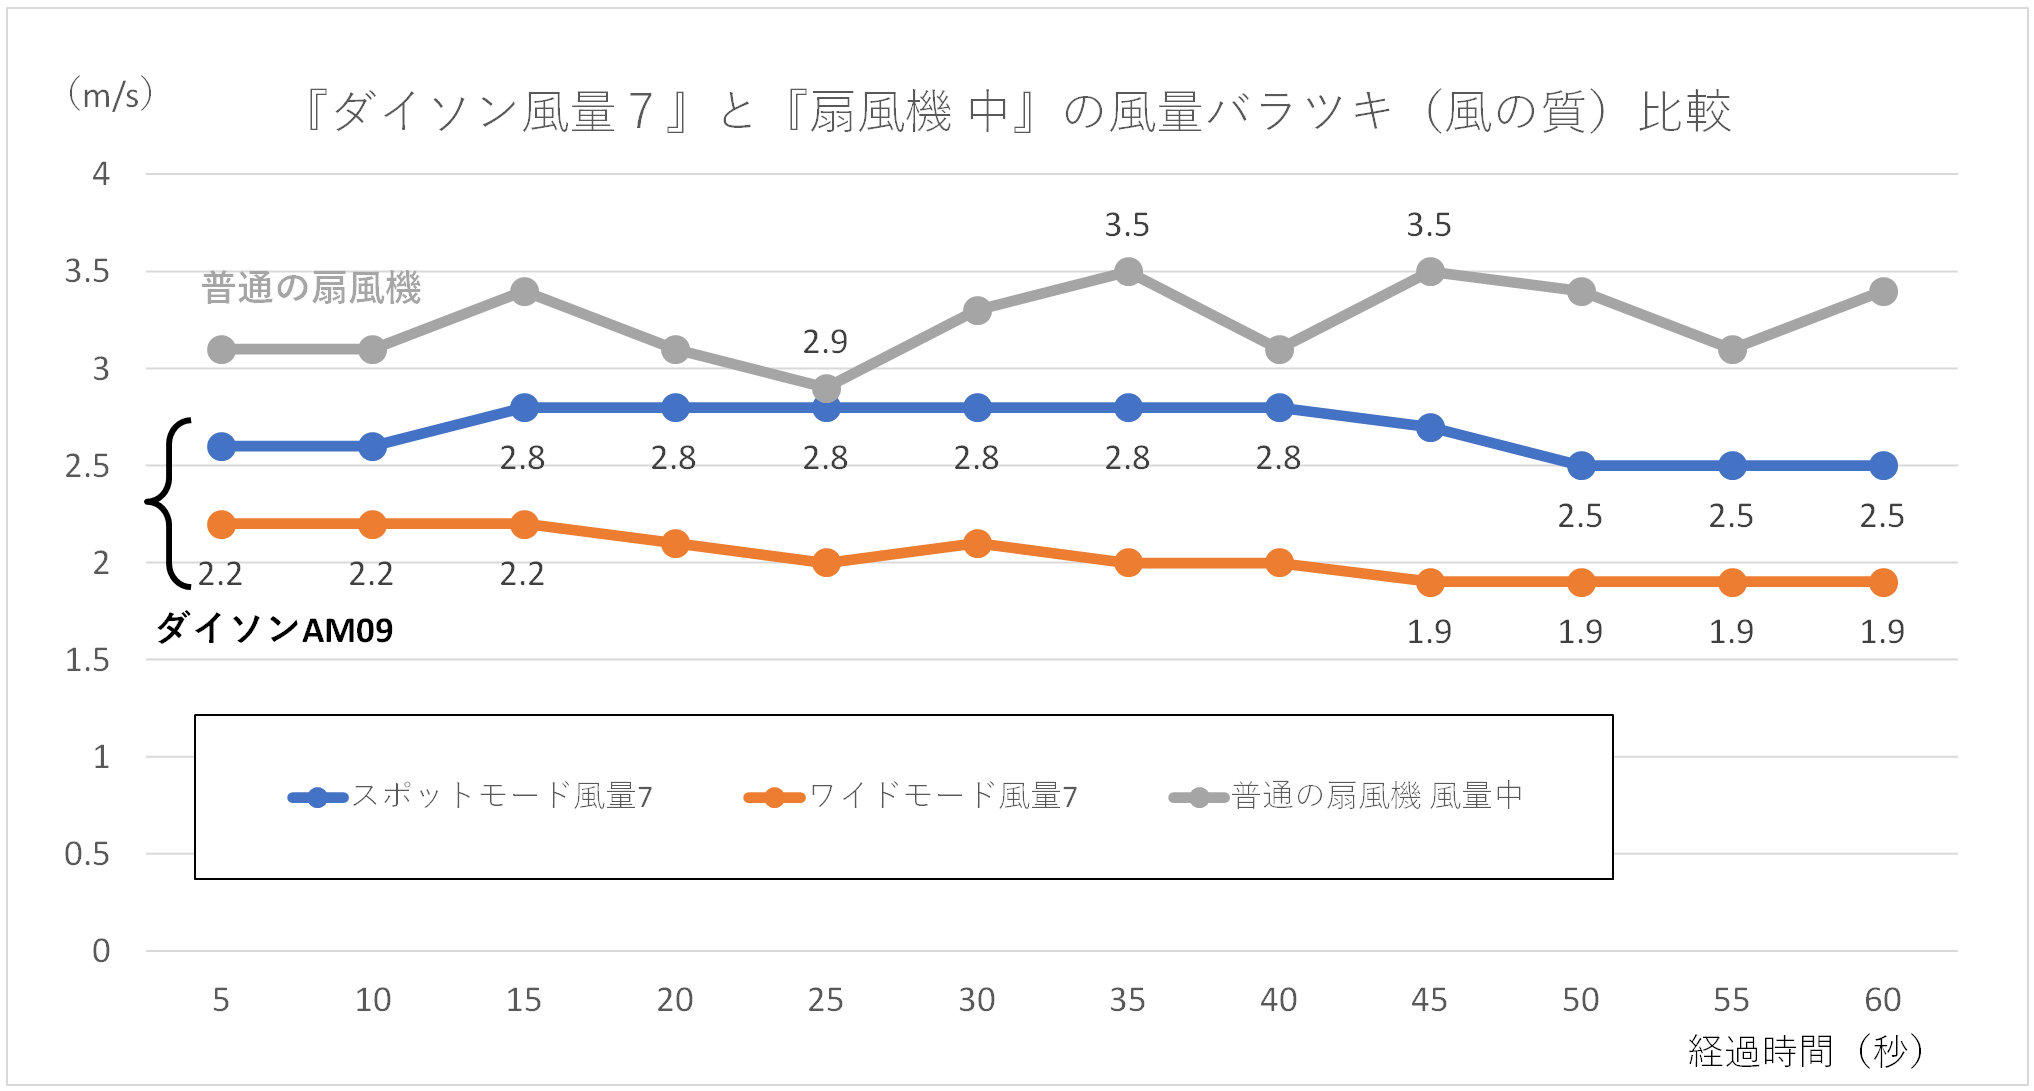 『ダイソン風量7』と『扇風機 中』の風量バラツキ(風の質)比較のグラフ